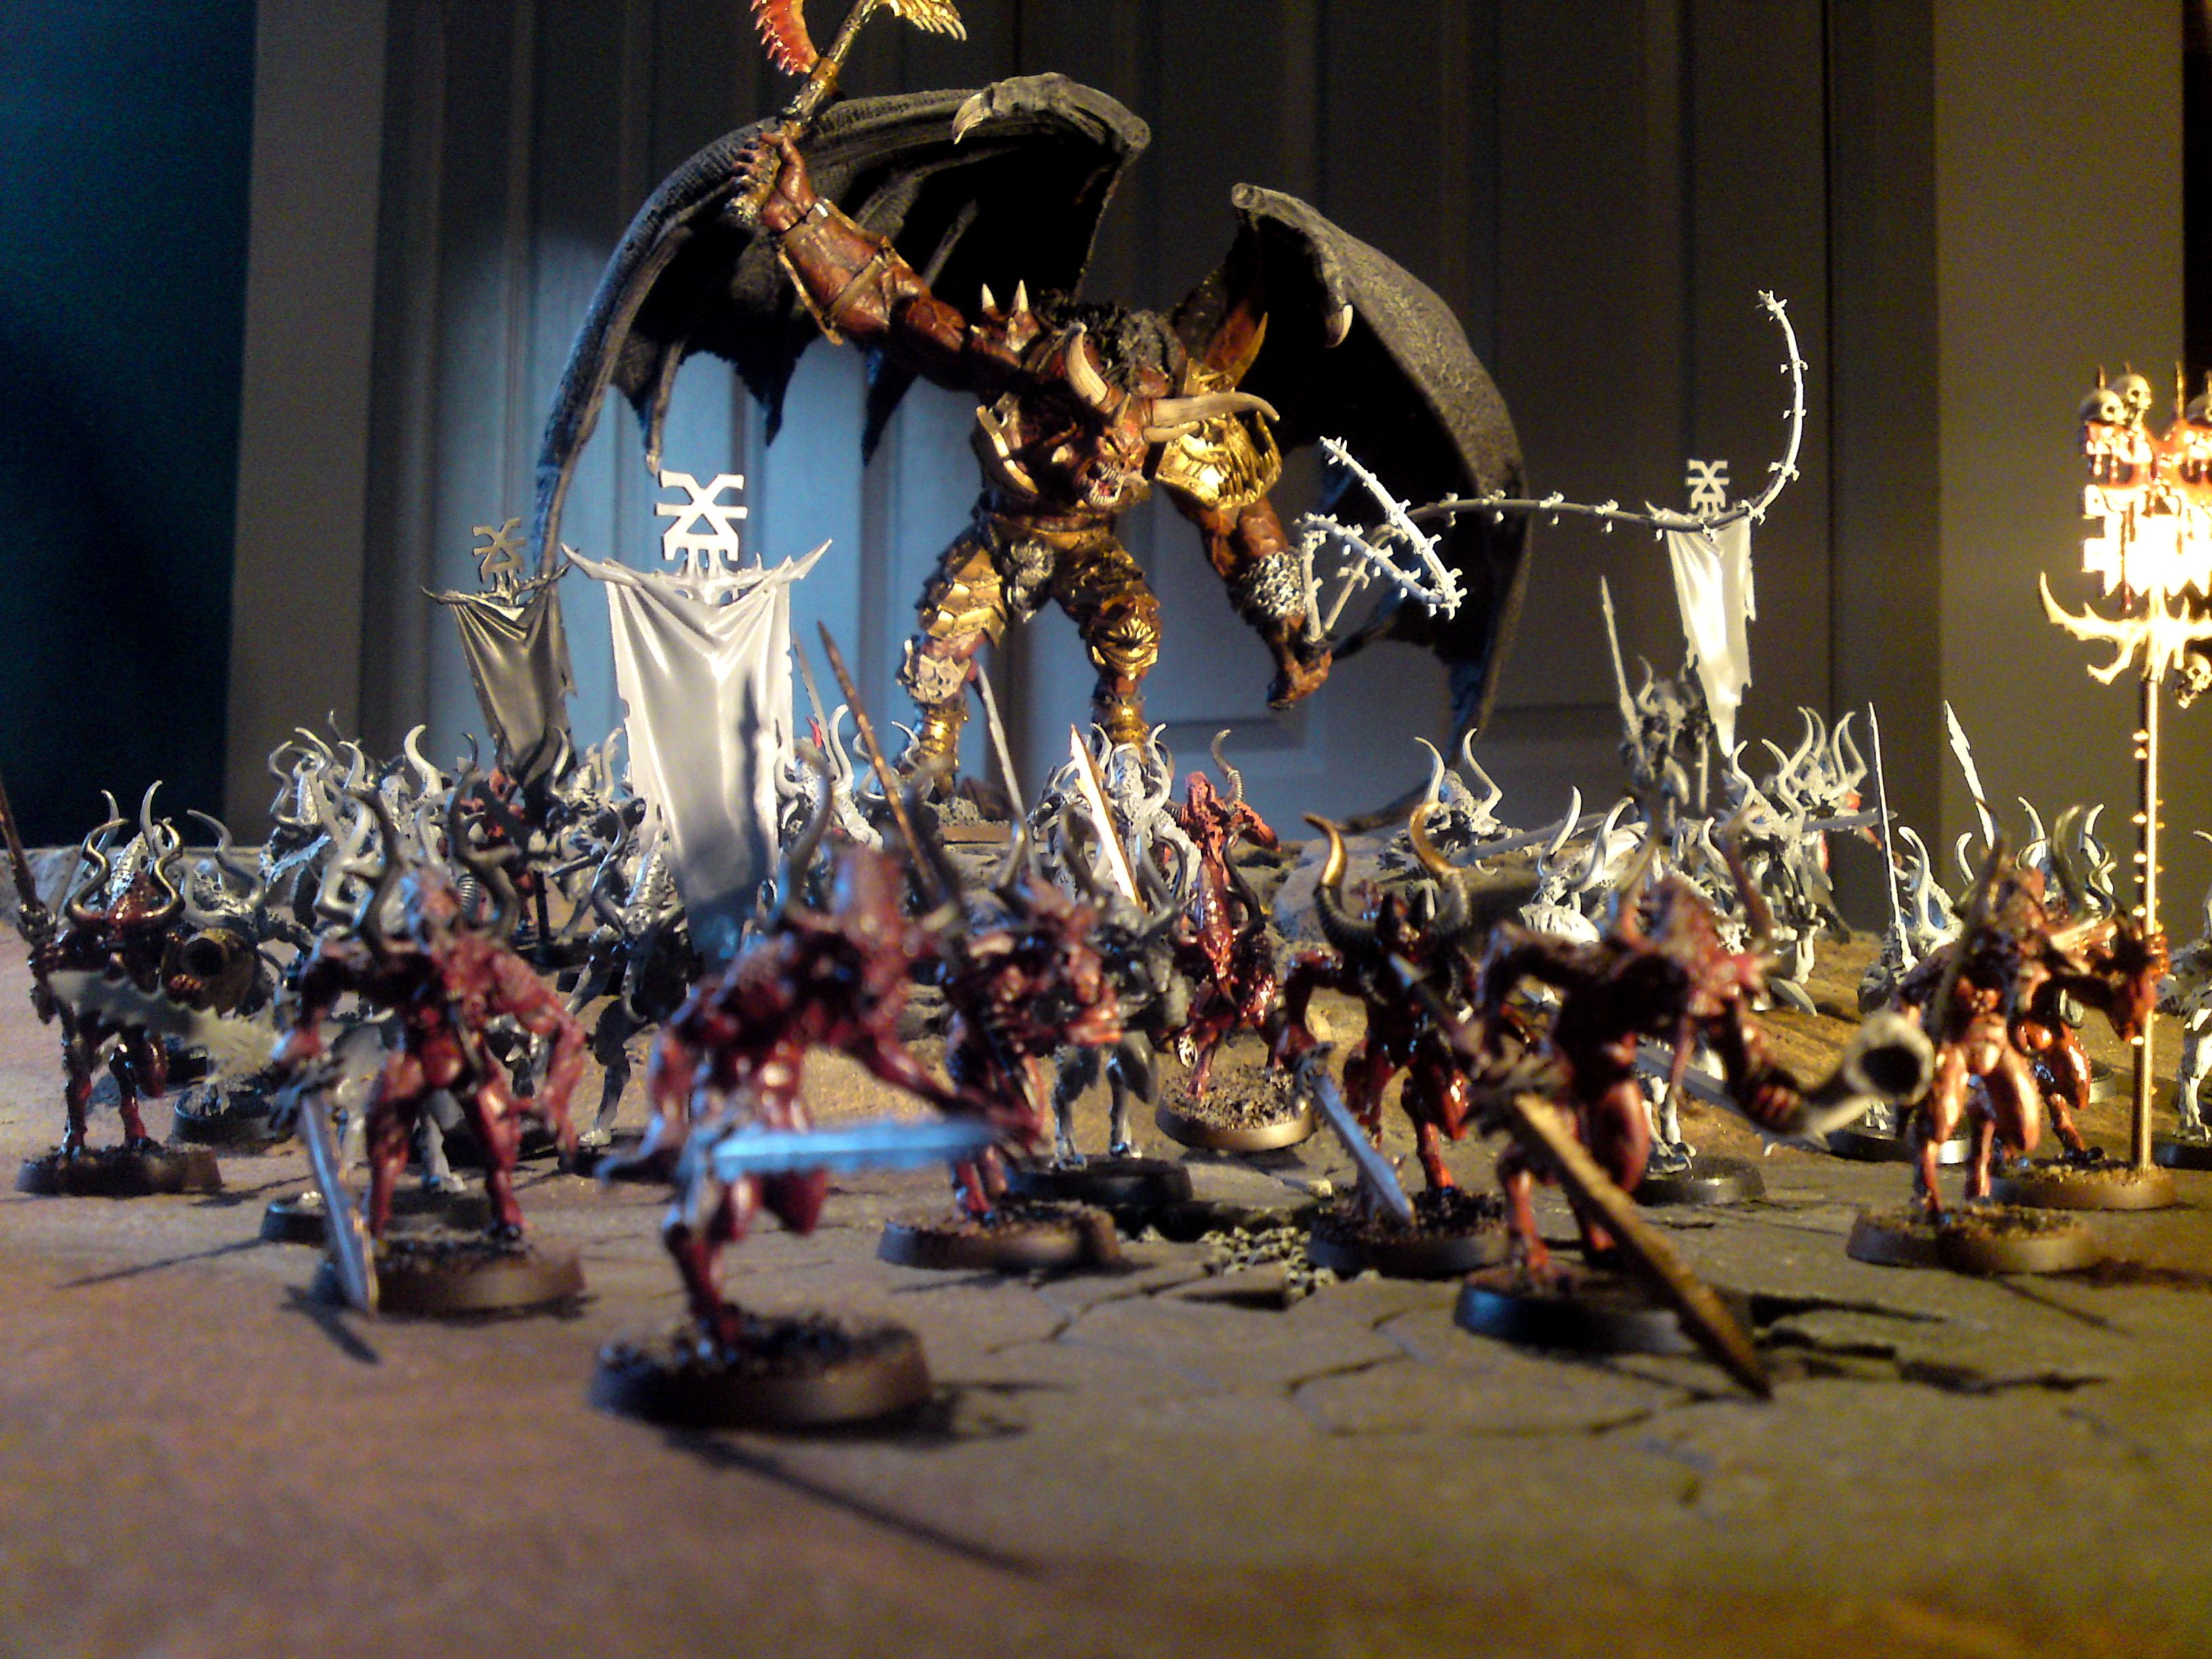 Bloodthirster, Chaos, Daemons, Forge World, Greater Daemon, Khorne, Work In Progress